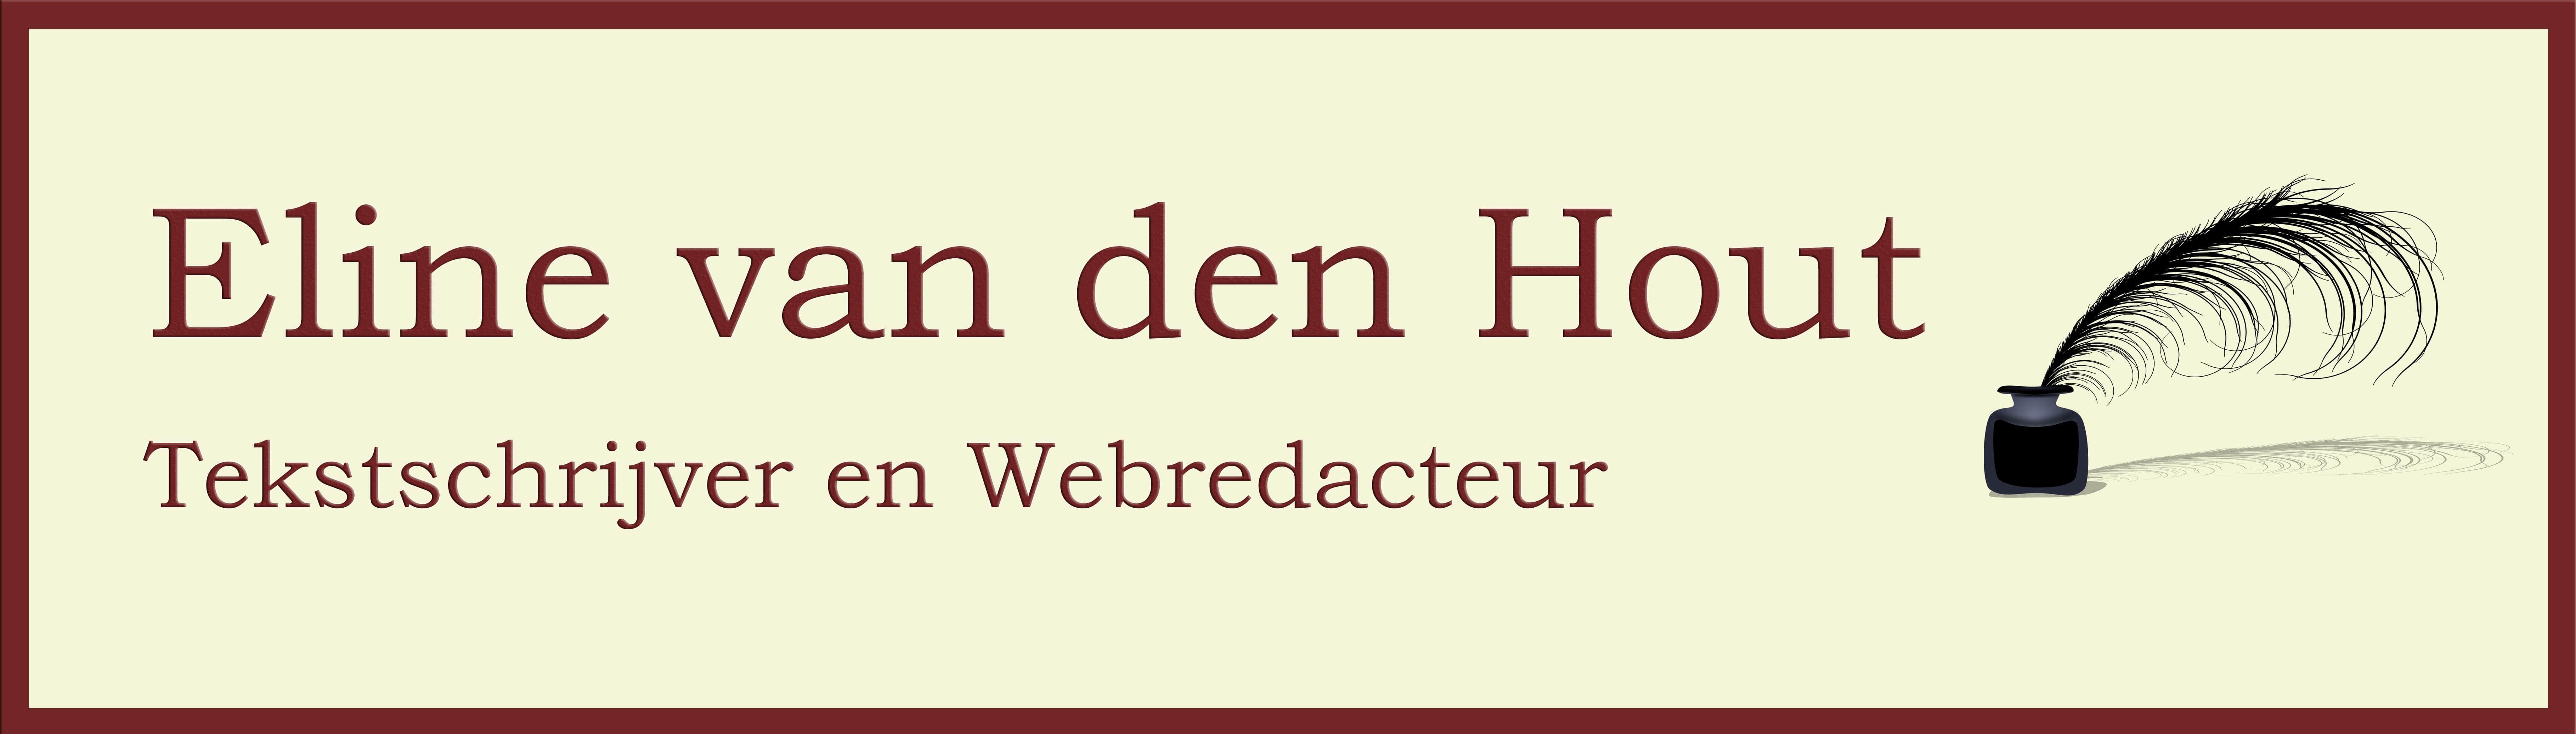 Logo Eline van den Hout